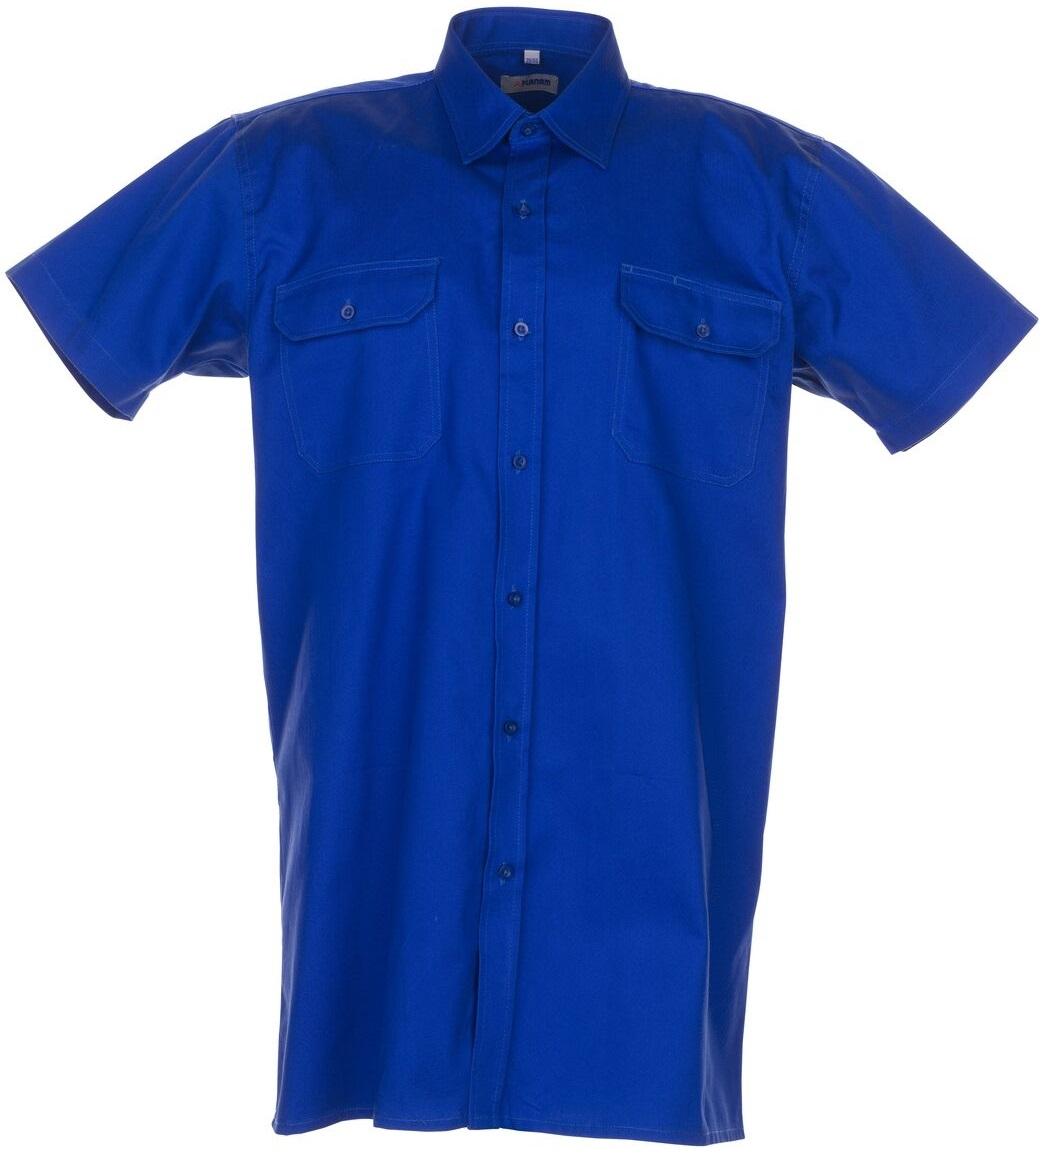 PLANAM-Twill-Köper-Arbeits-Berufs-Hemd, Viertelarm, 200 g/m², mittelblau